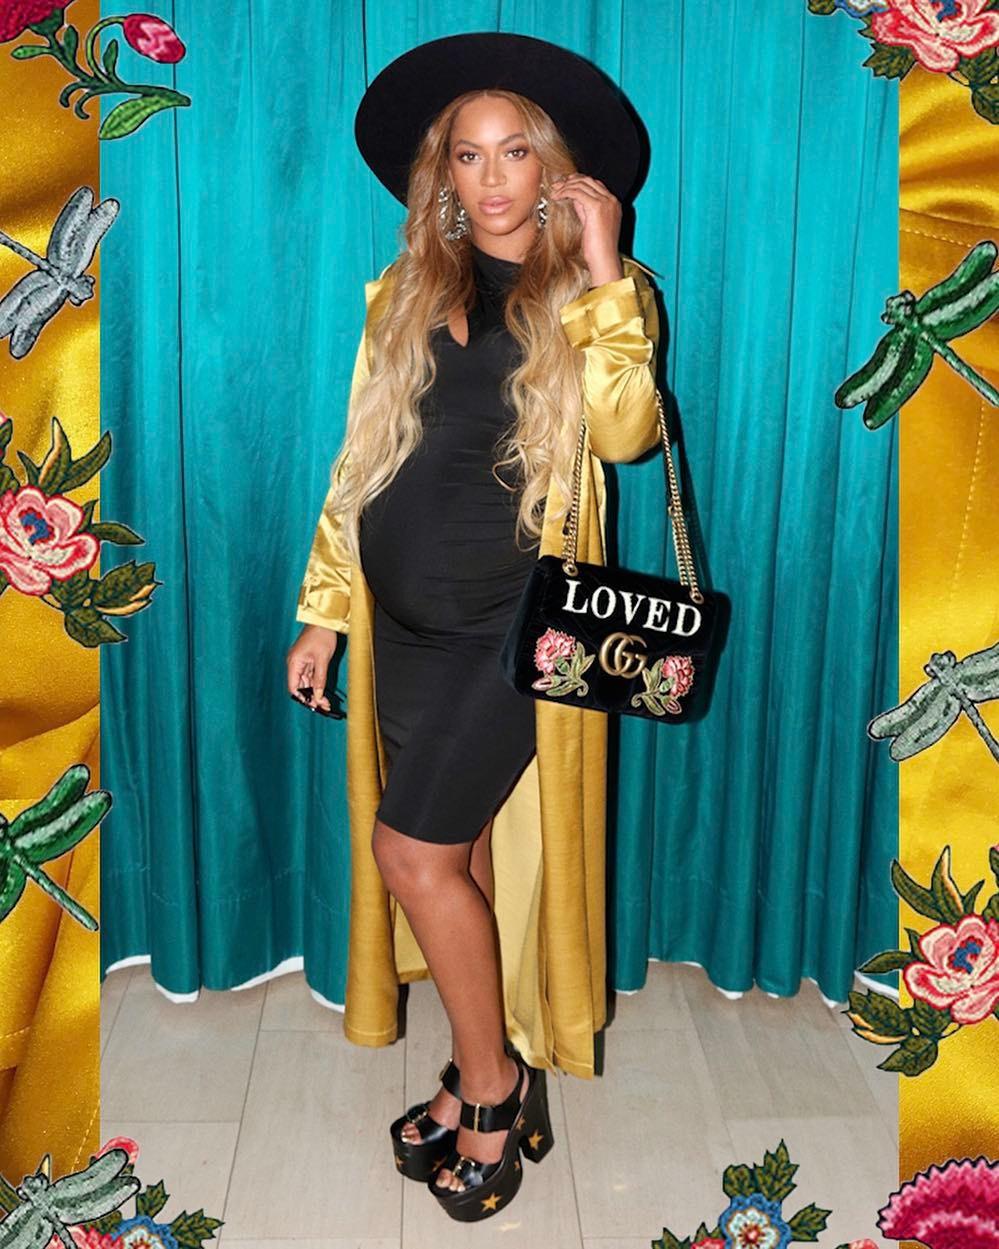 Ca sĩ Beyonce nhắc nhở mẹ bầu hết sức lưu ý 1 biến chứng thai kì có thể nguy hiểm tính mạng  - Ảnh 1.